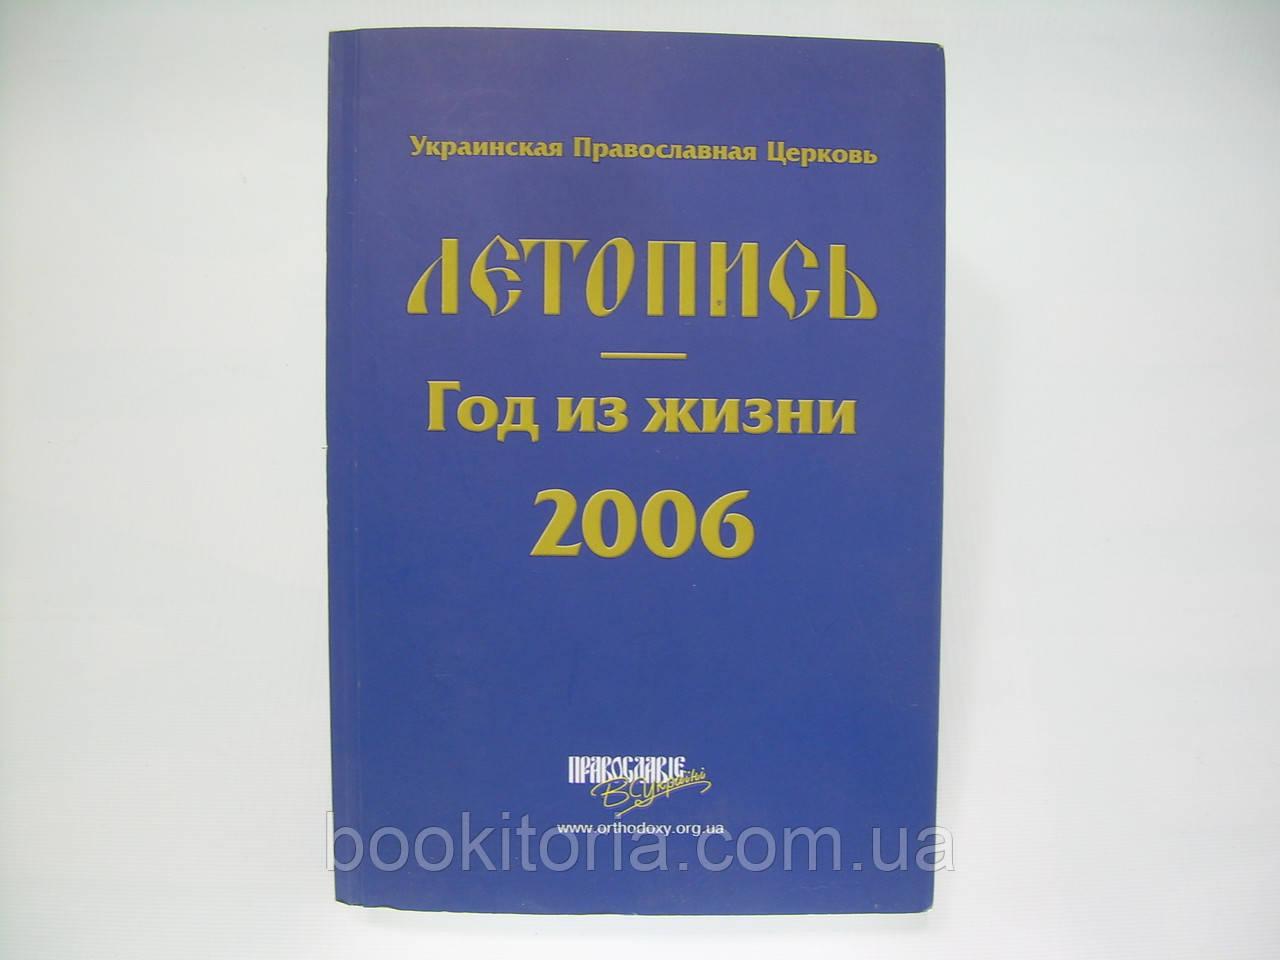 Украинская Православная Церковь. Летопись. Год из жизни 2006 (б/у).